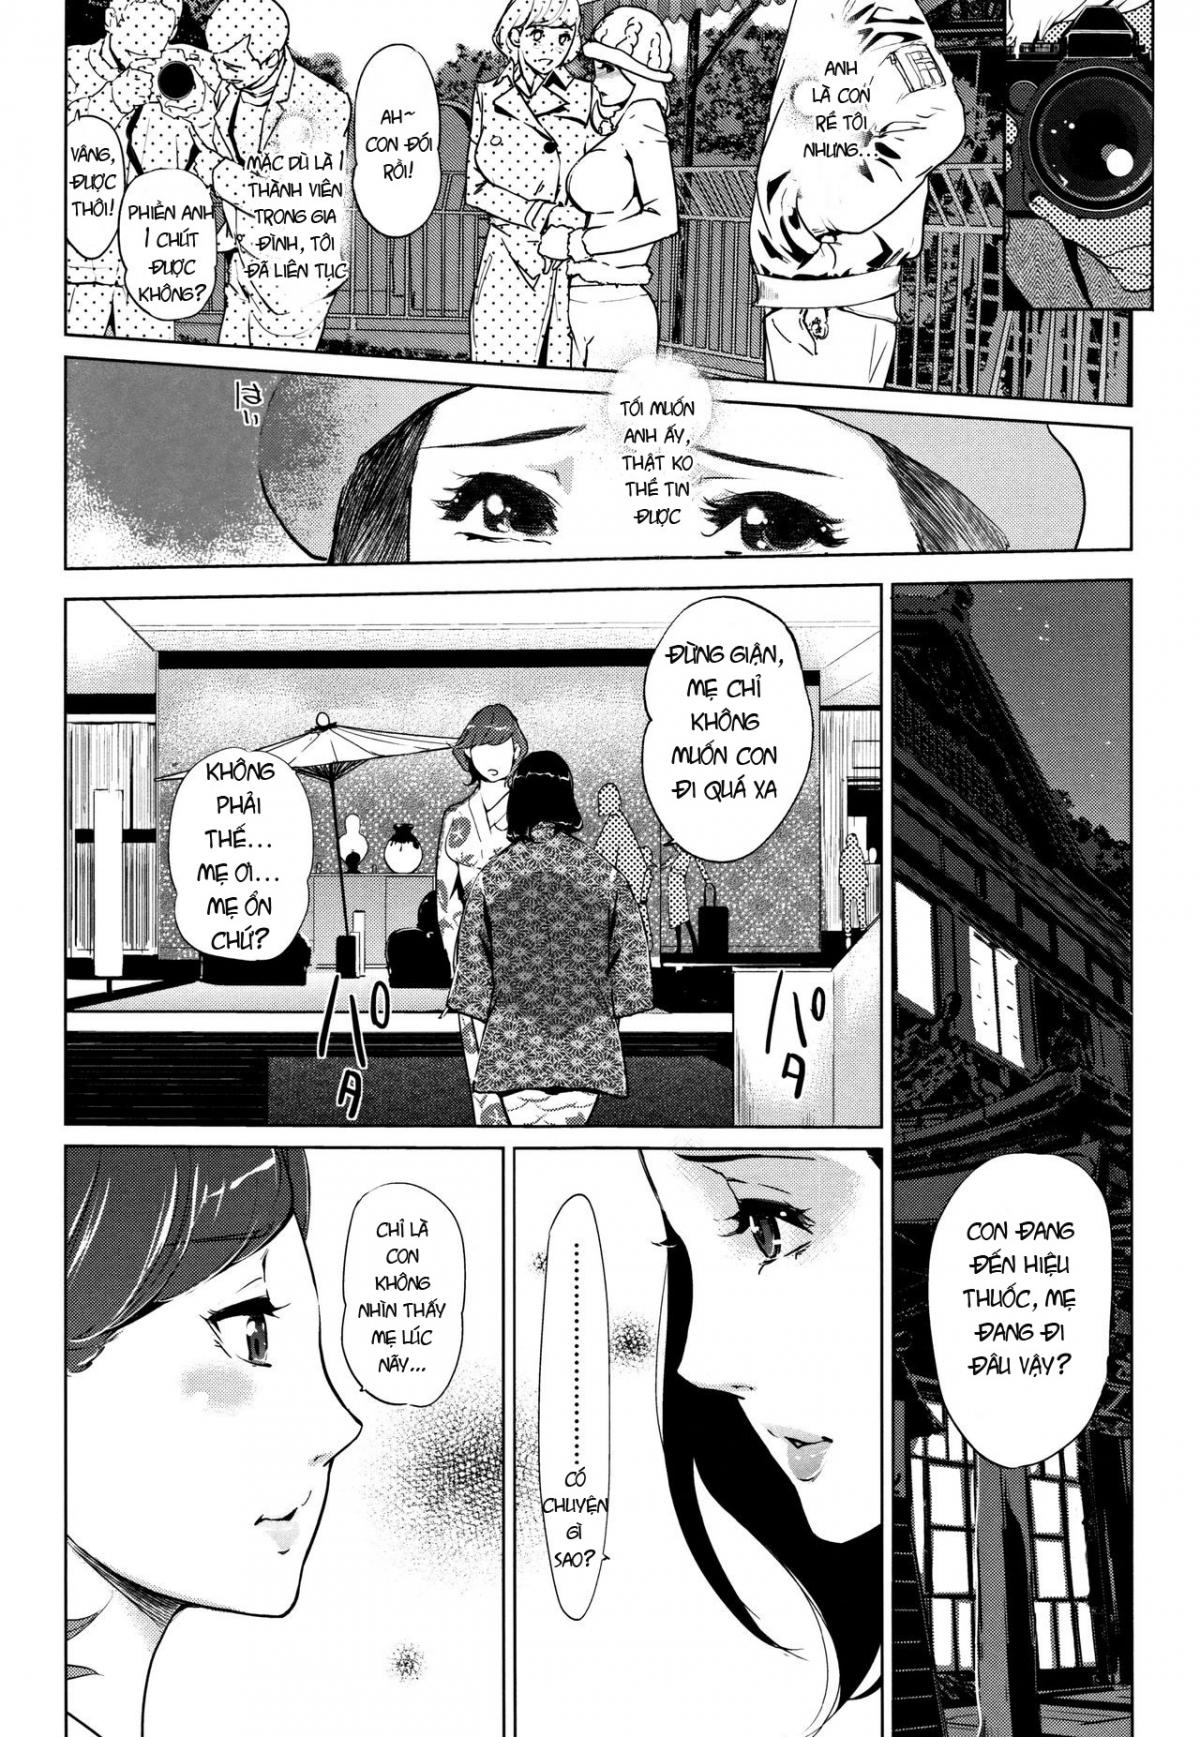 HentaiVN.net - Ảnh 22 - Shinjuiro no Zanzou - Pearl Grey Afterimage; Shinjuiro No Zanzou ~Kazoku Ga Neshizumatta Ato De~ - Chap 3